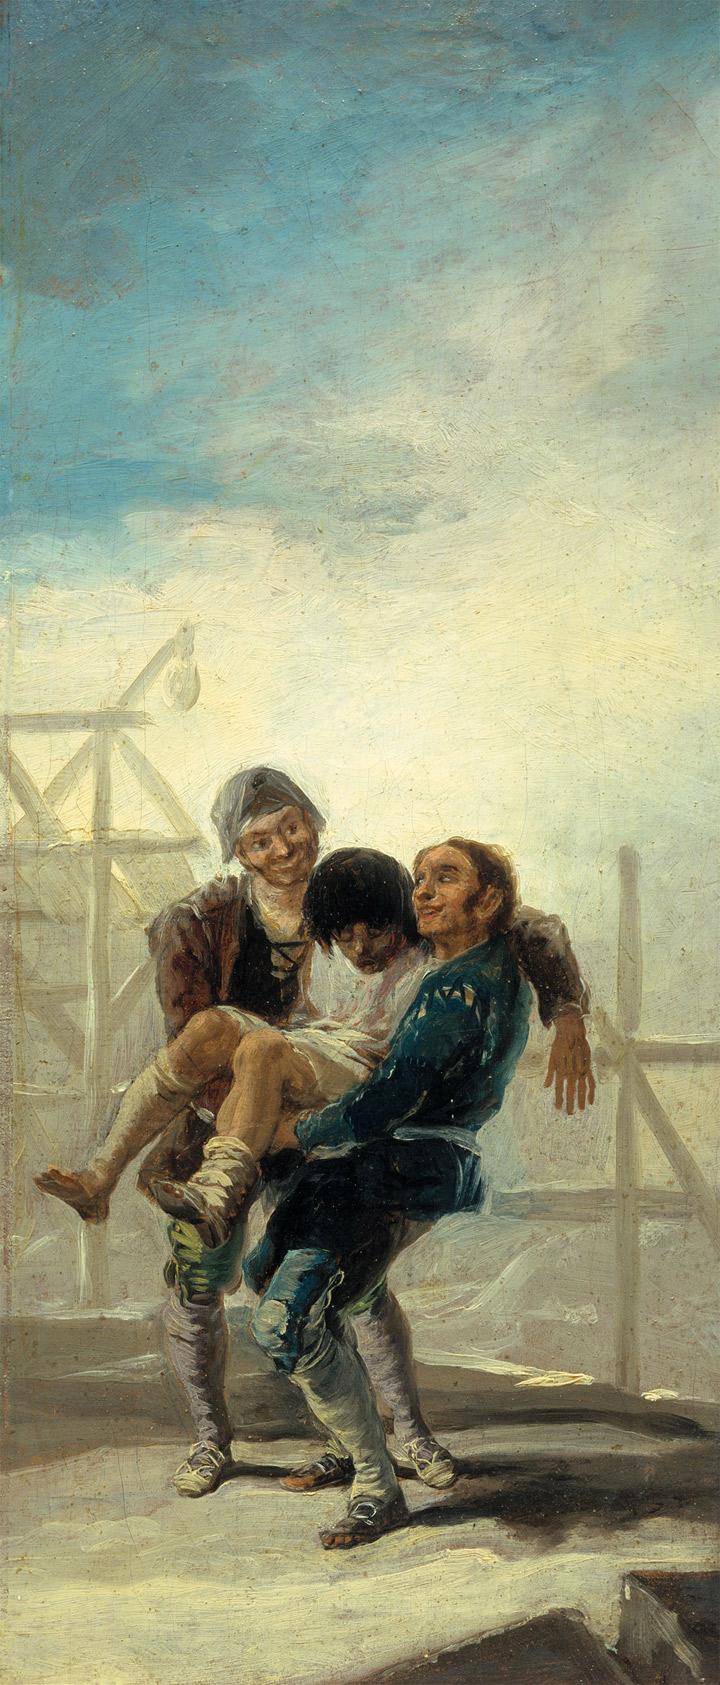 <p>Francisco de Goya,<em>El albañil borracho,</em>boceto, 1786-87, Legado Fernández Durán, Madrid, Museo del Prado</p>